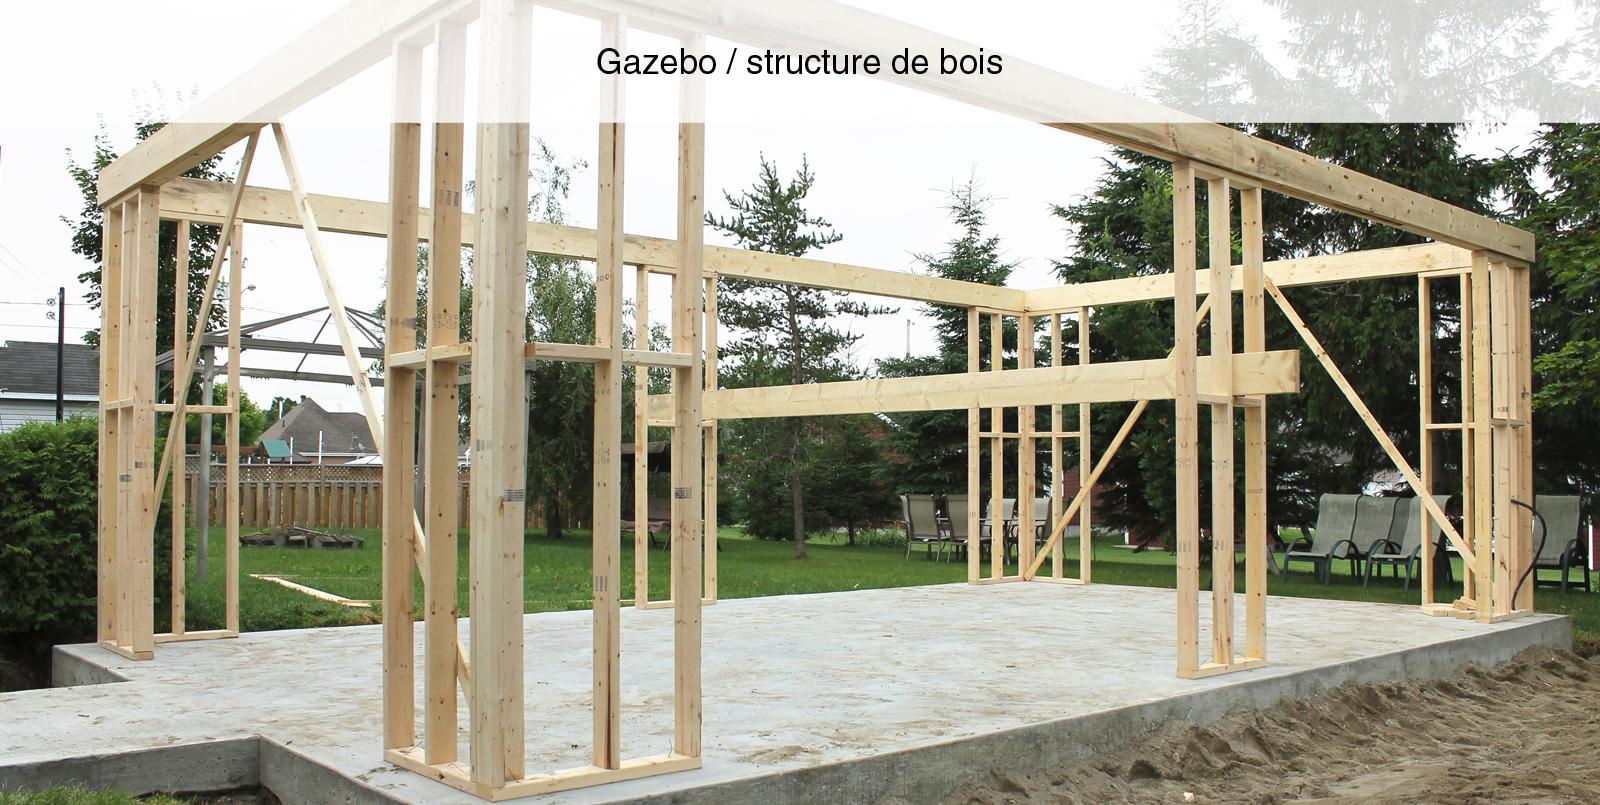 3-1-PANACHE-CONSTRUCTION-RENOVATION_GAZEBO-STRUCTURE-DE-BOIS